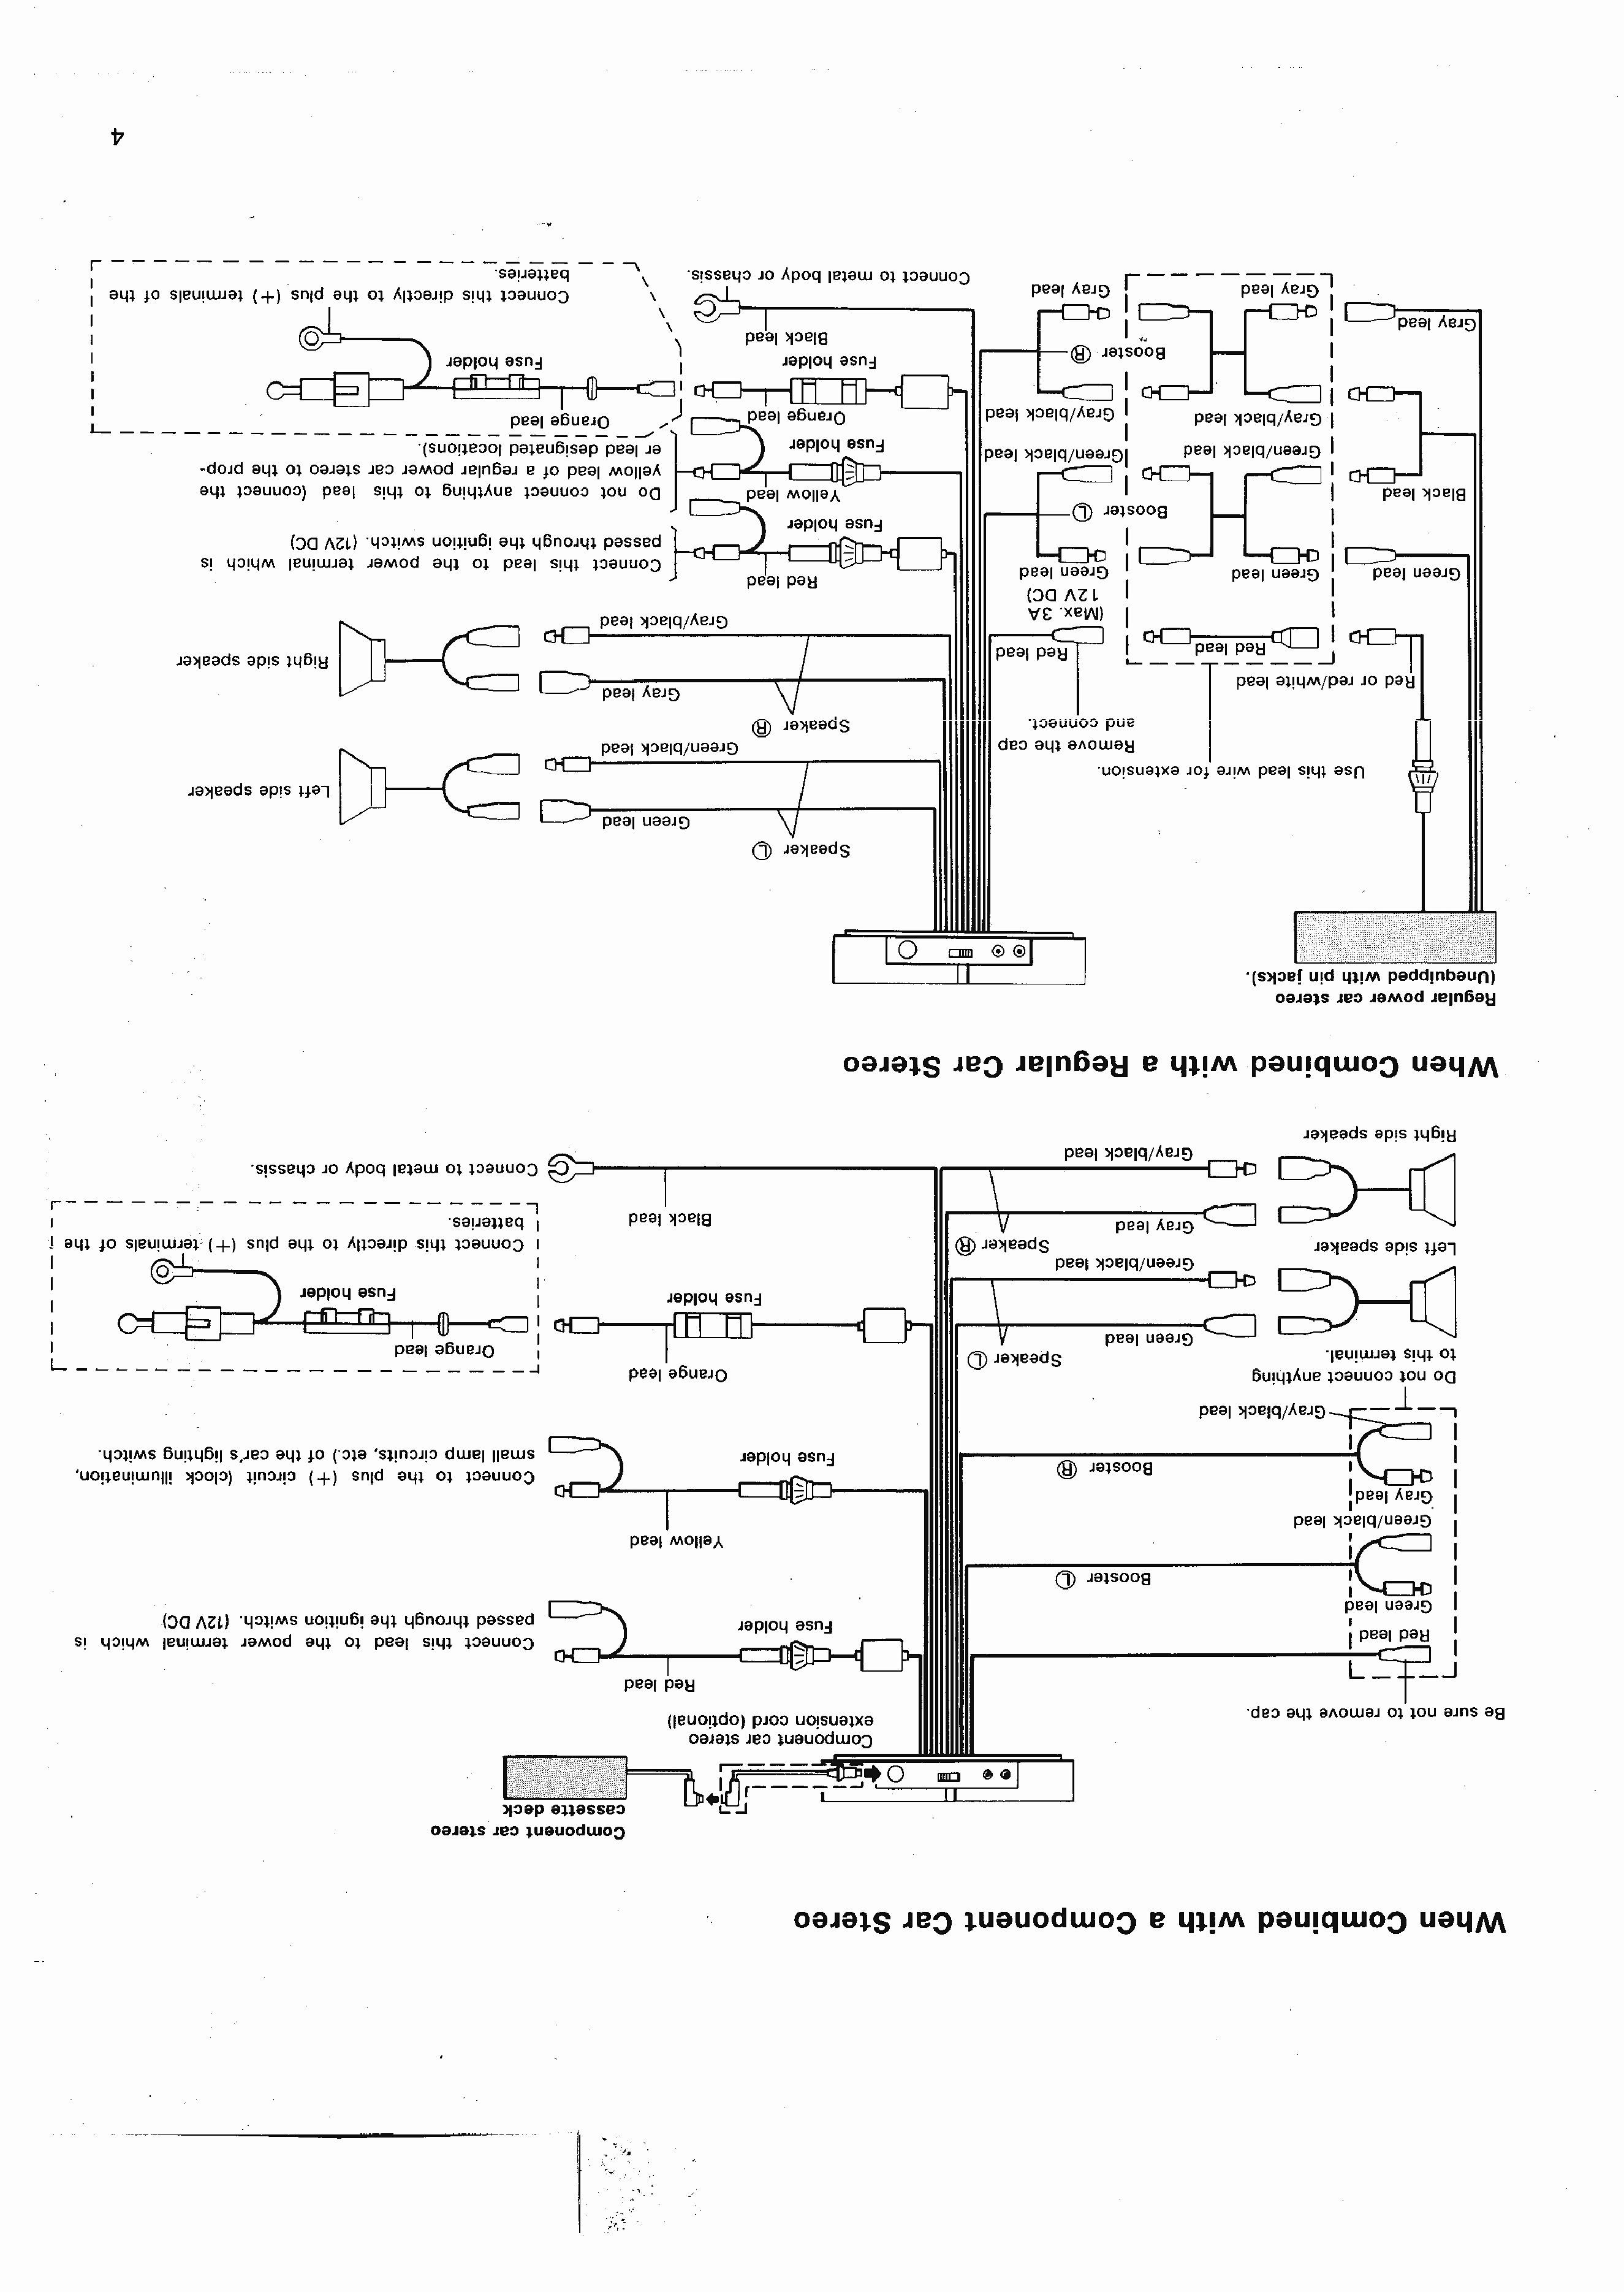 Pioneer Avh X2700Bs Harness Wiring Diagram | Wiring Diagram - Pioneer Avh-X2700Bs Wiring Diagram